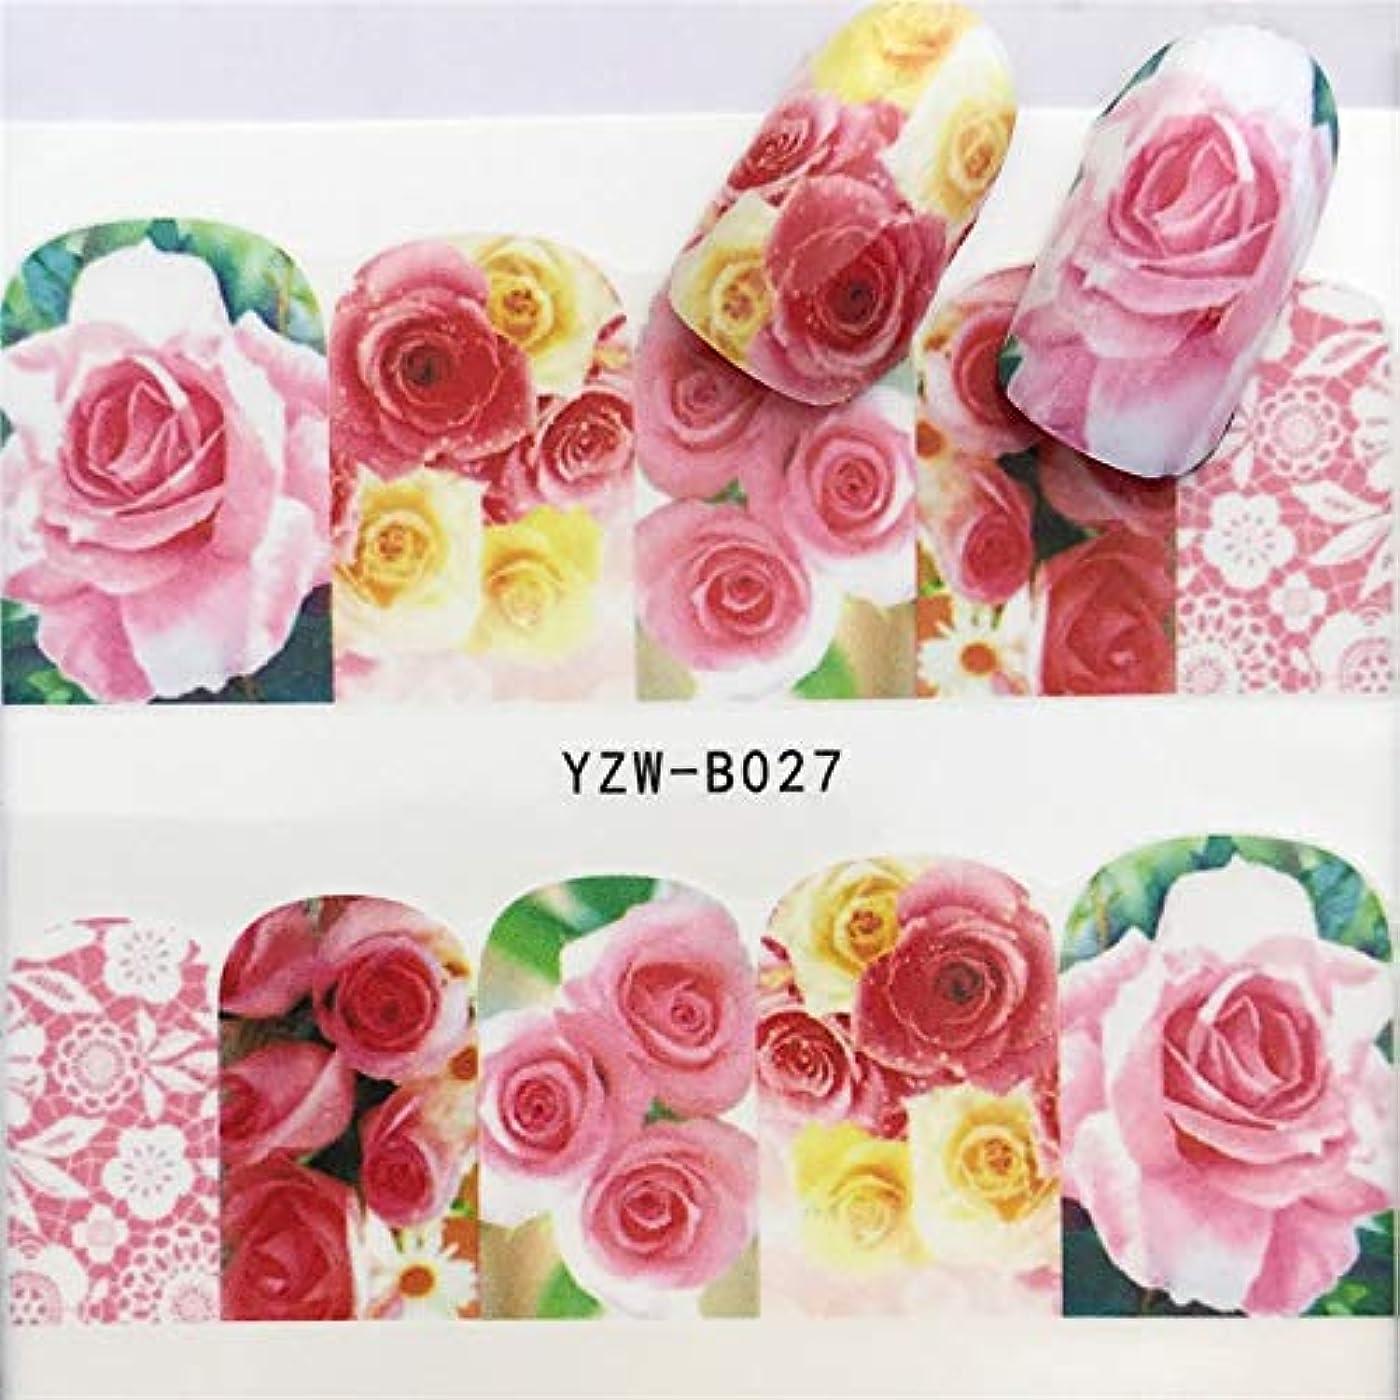 鼓舞する不和純度ビューティー&パーソナルケア 3個ネイルステッカーセットデカール水転写スライダーネイルアートデコレーション、色:YZWB027 ステッカー&デカール